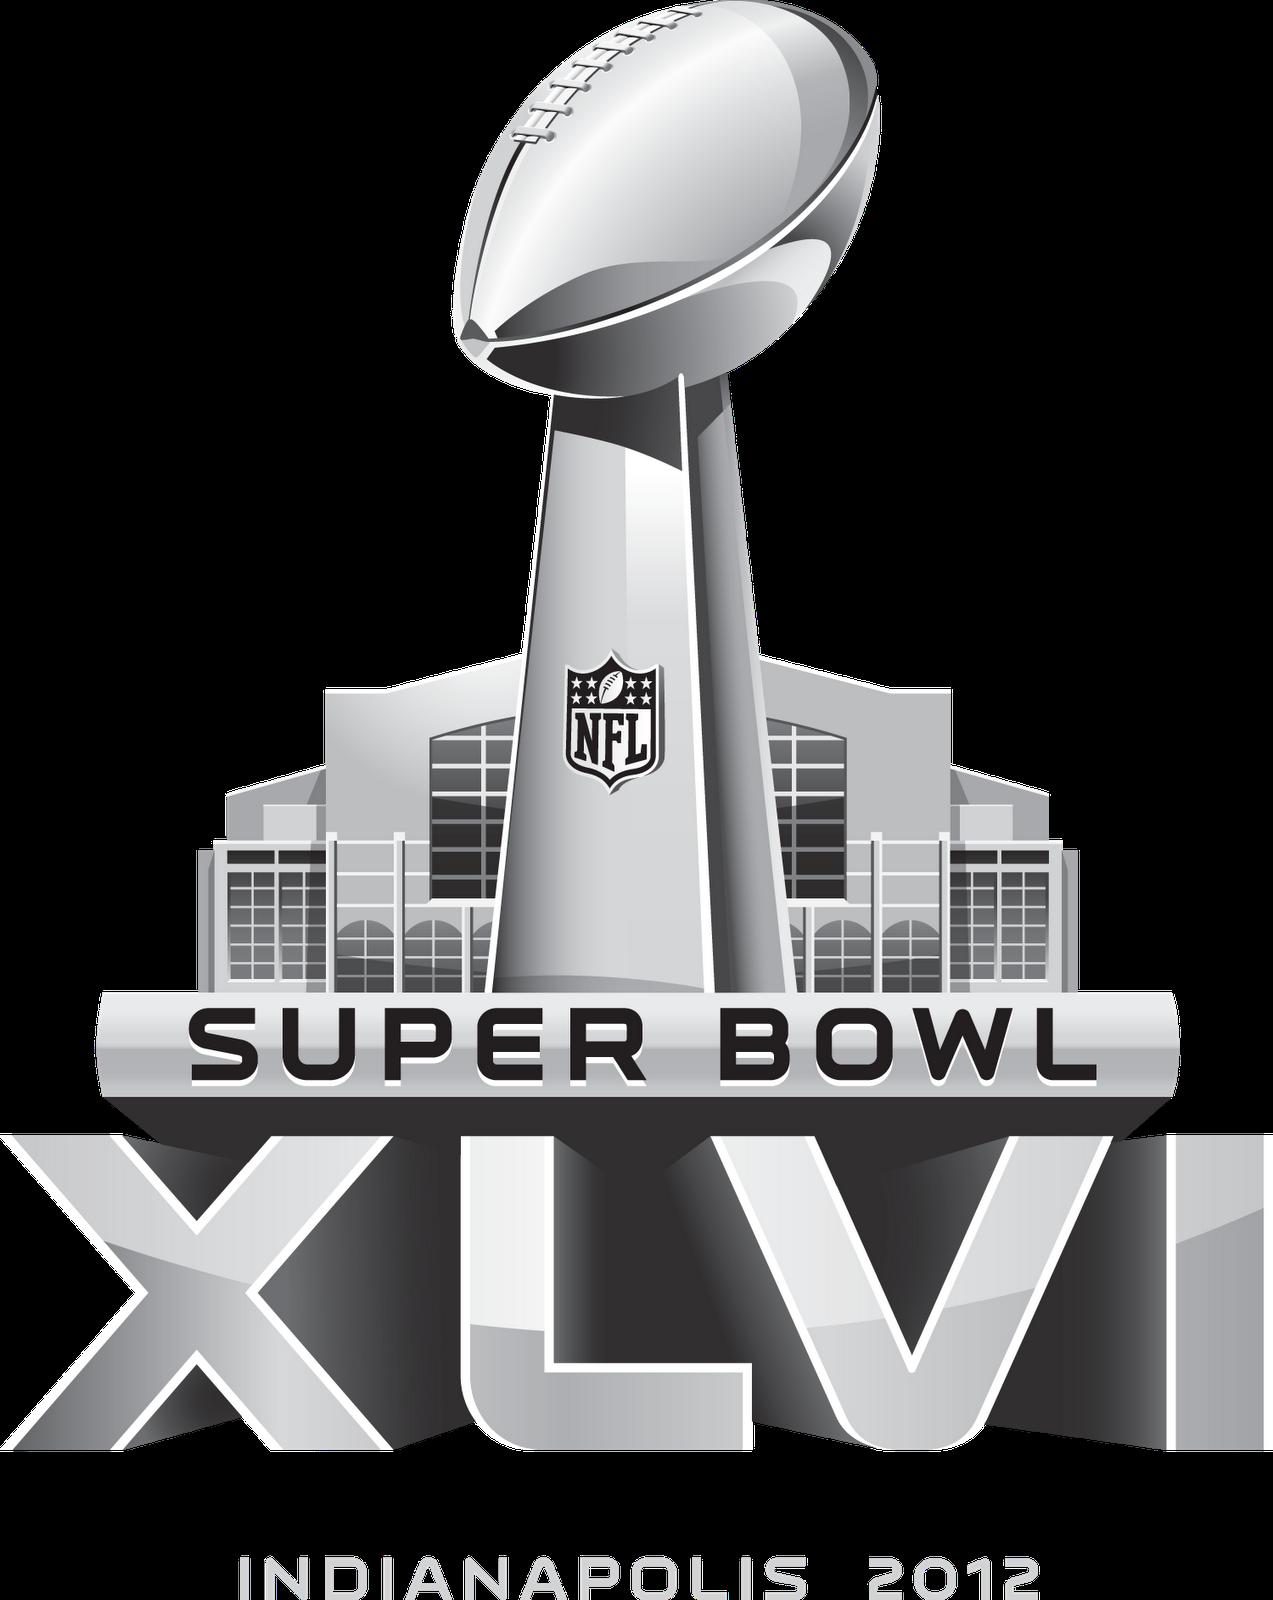 Superbowl 2015 Symbols Super Bowl Blog Publish With Glogster